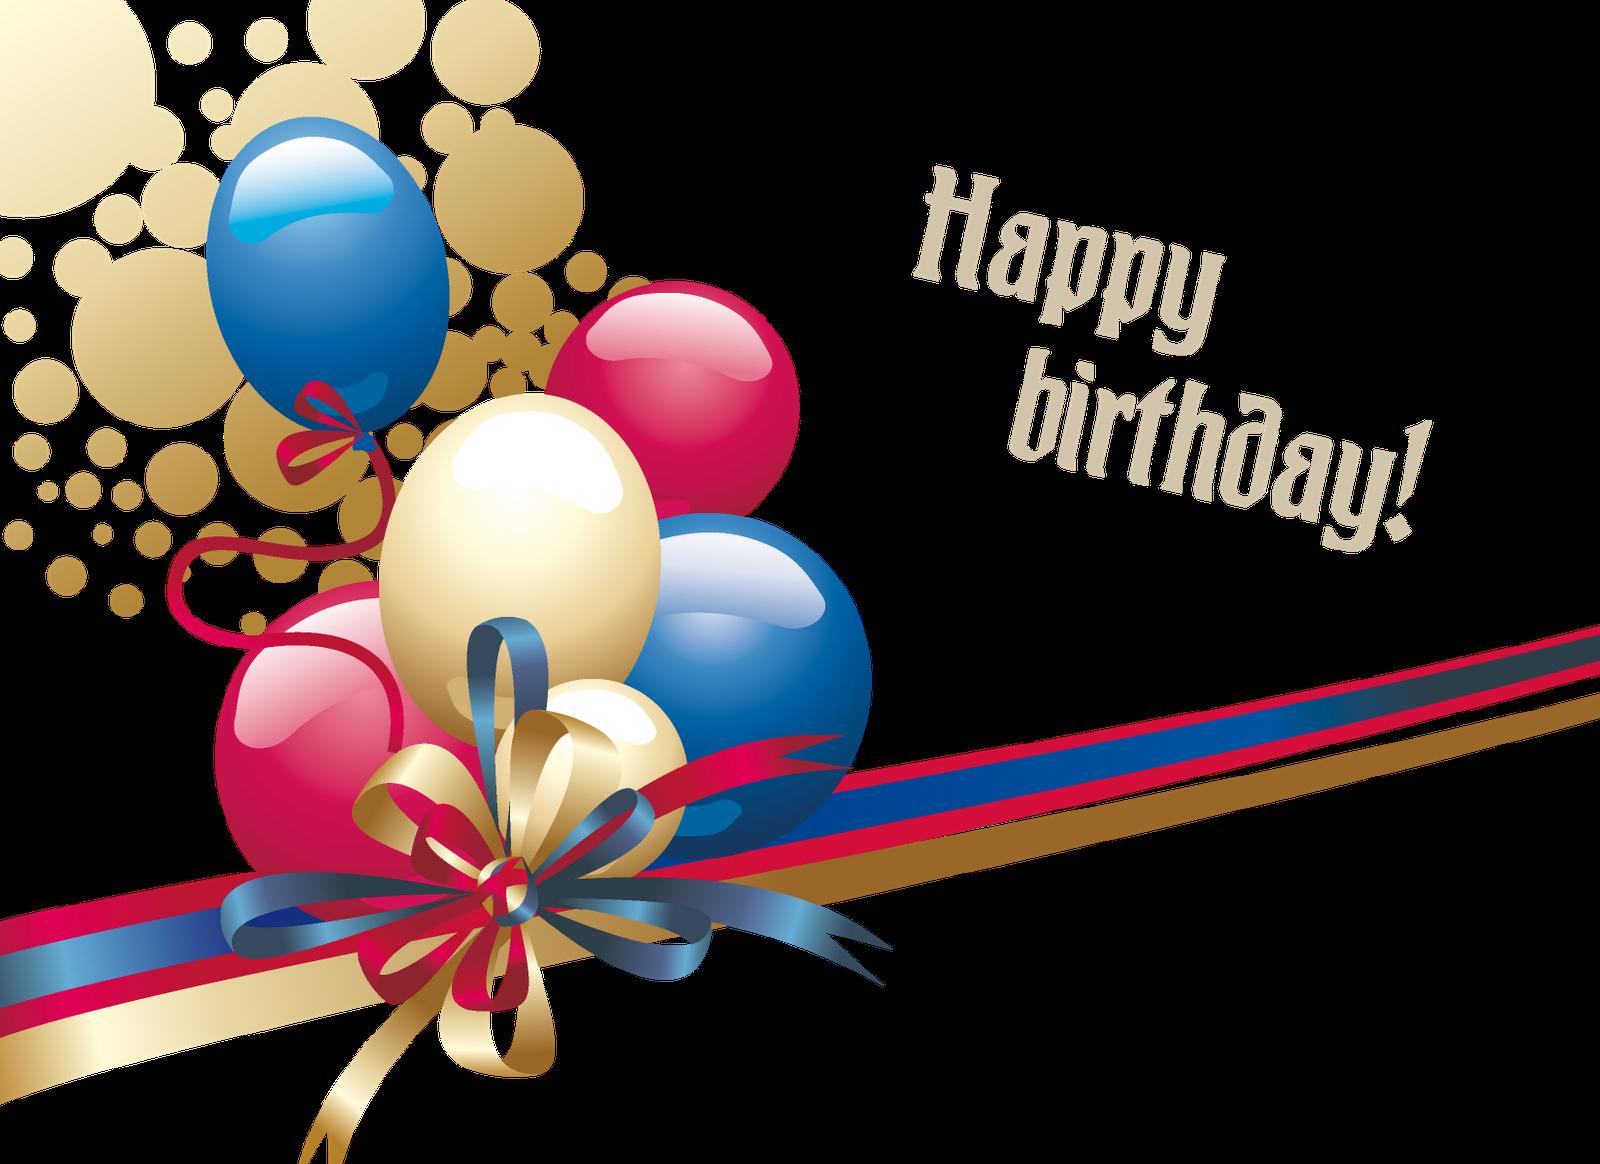 Happy birthday png publicado. Congratulations clipart boss